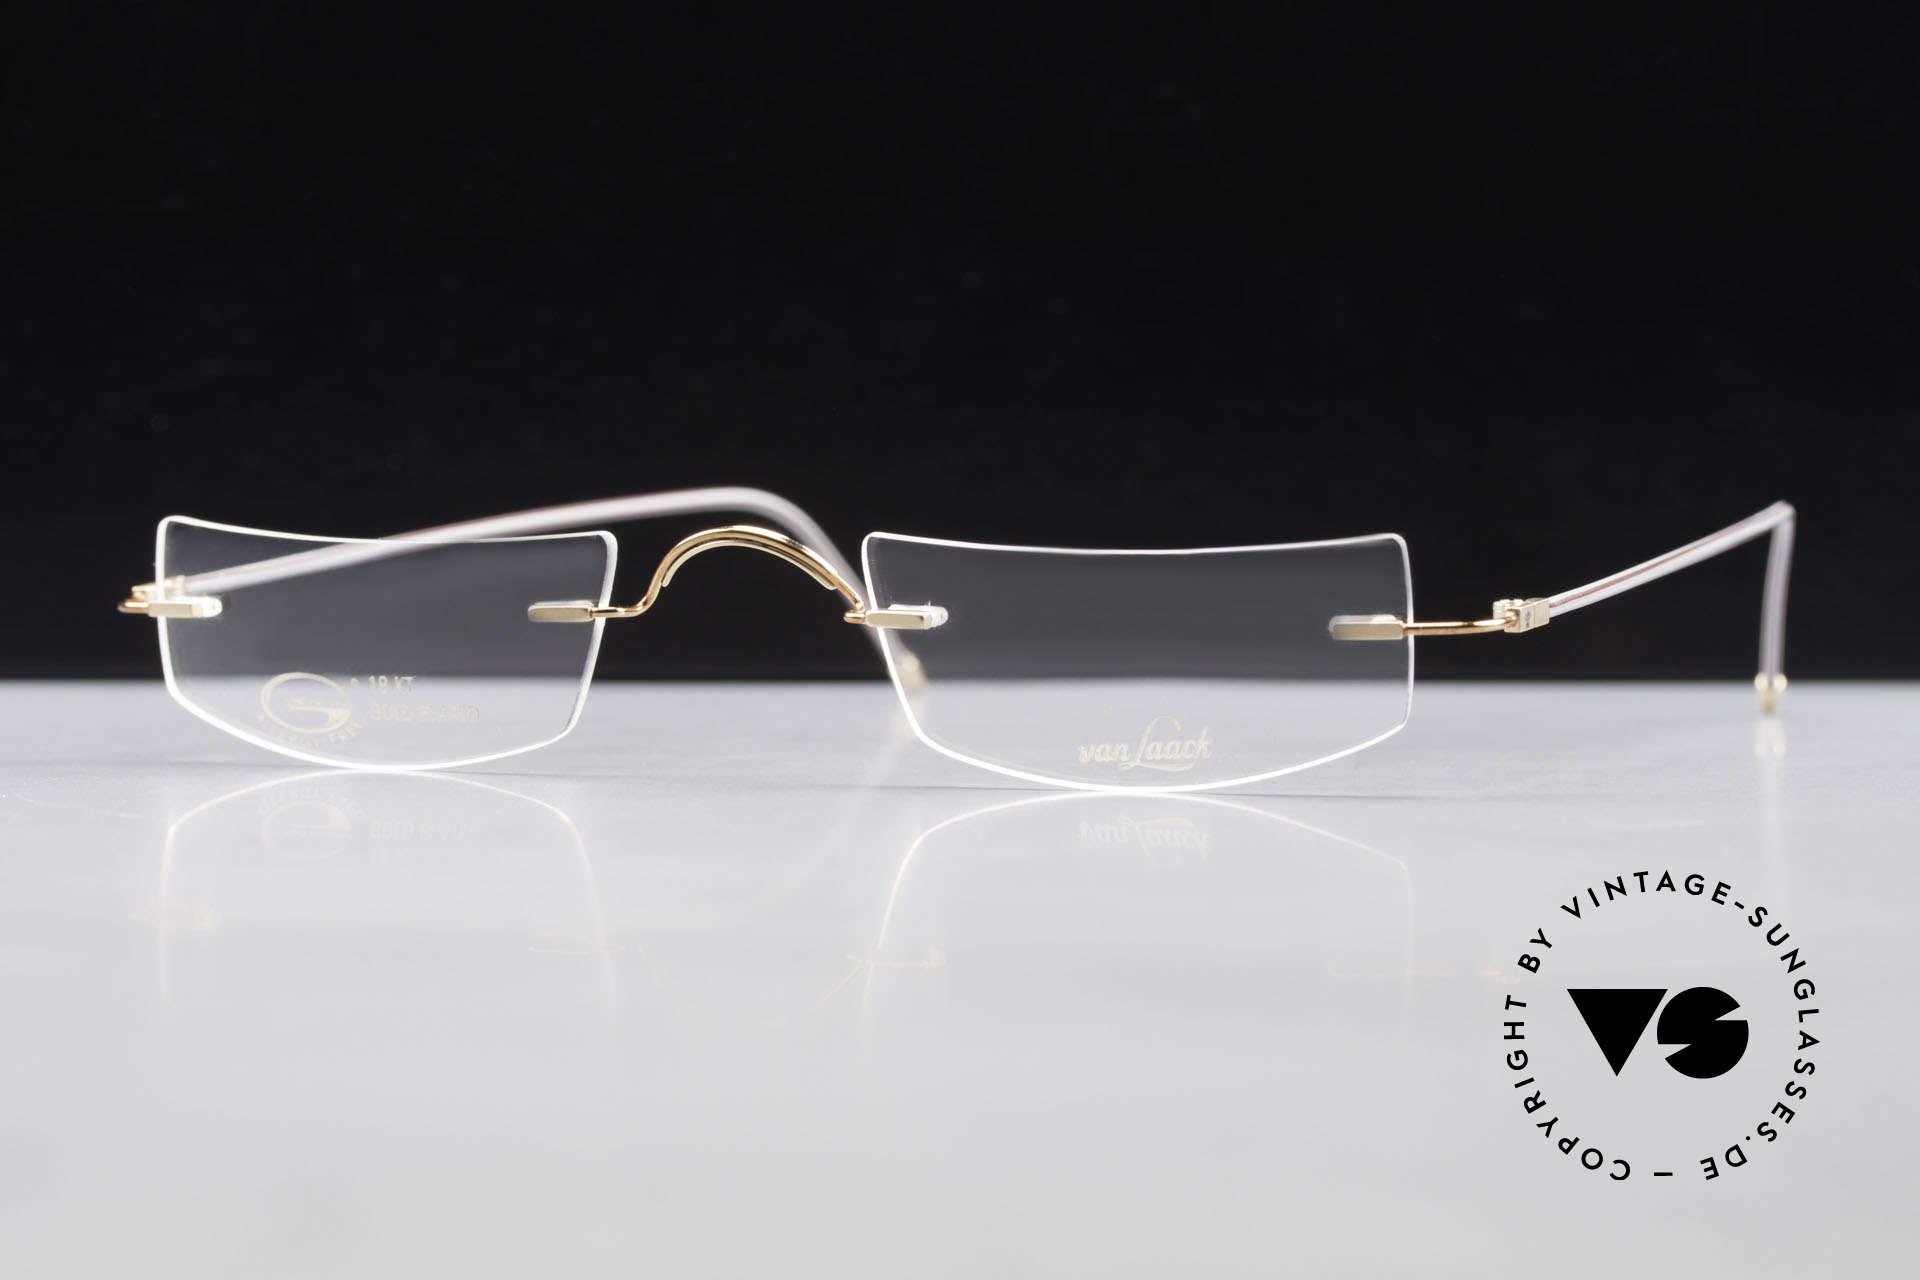 Van Laack L022 Minimalistische Lesebrille 90er, leichte, minimalistische Lesebrille von 'van Laack', Passend für Herren und Damen